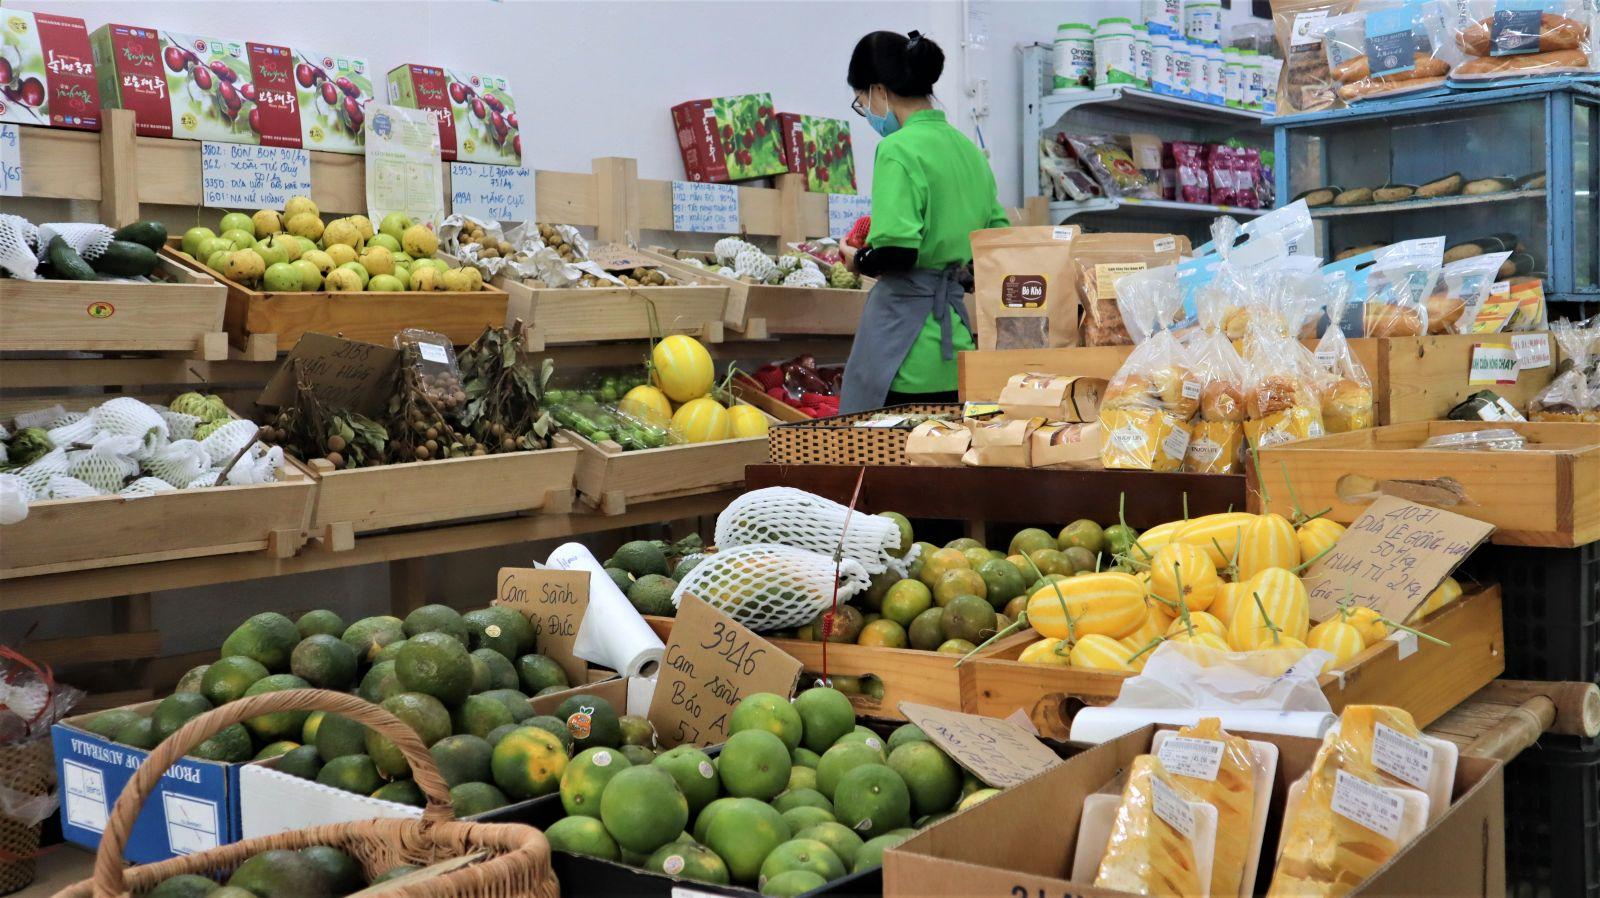 Các loại trái cây tăng cường vitamin và sức đề kháng luôn được cửa hàng An Phú Farm chú trọng và bổ sung lượng hàng dồi dào.